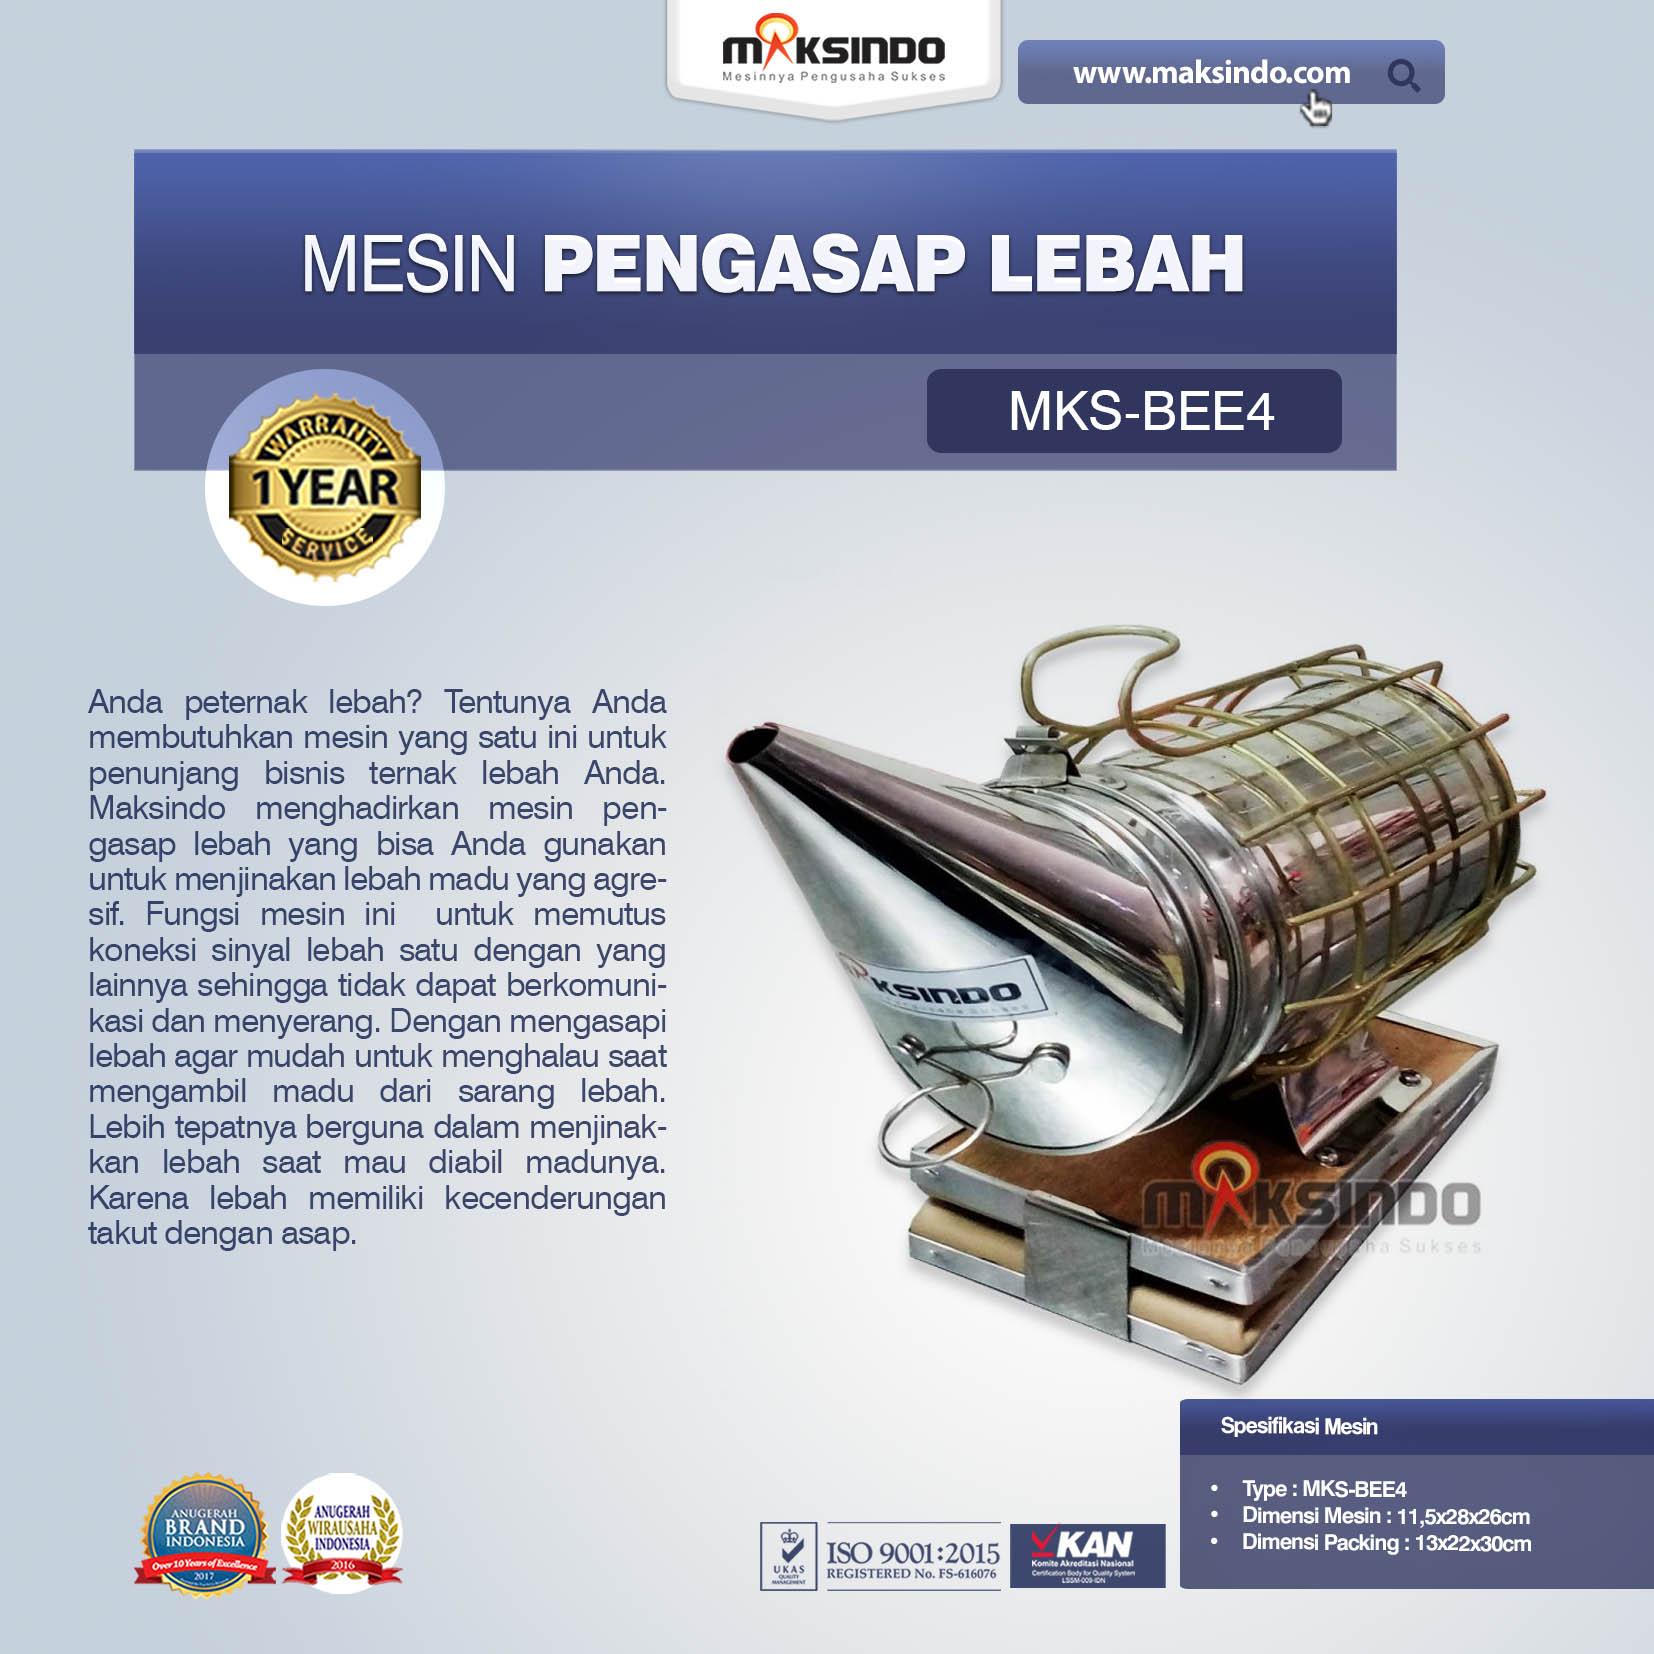 Jual Mesin Pengasap Lebah (MKS-BEE4) di Makassar